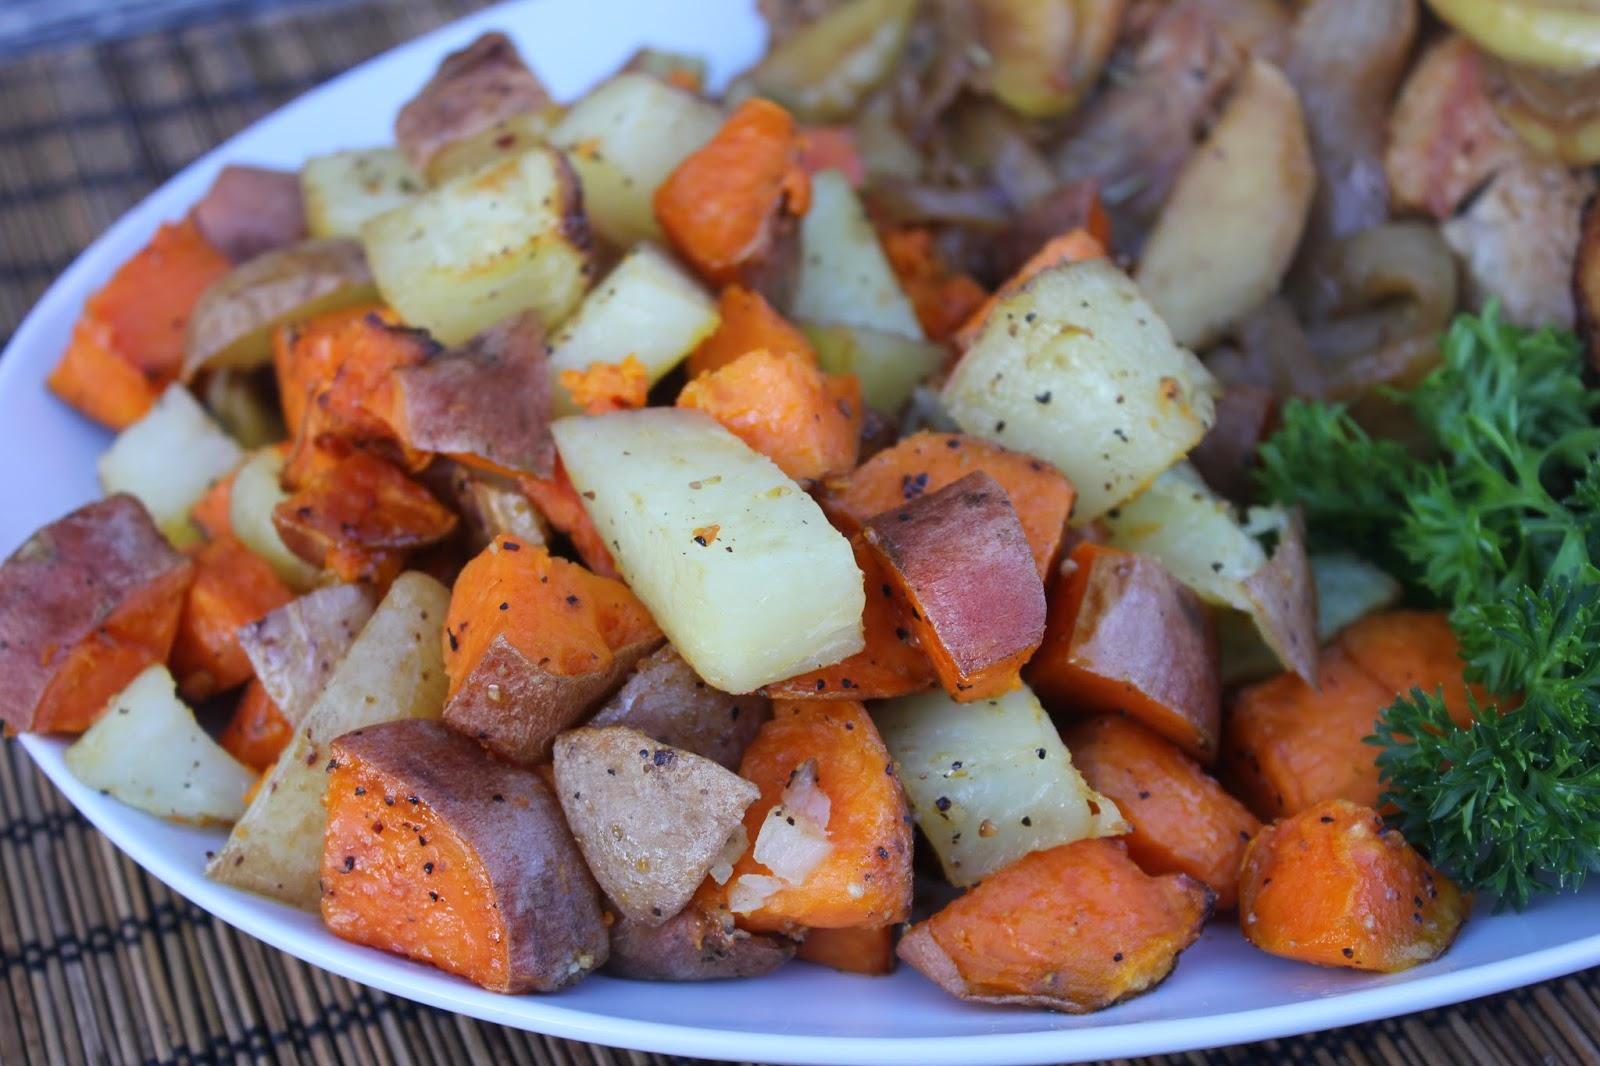 ... Pork, Recipe: Main Dish, Deals to Meals, Caramel Apple Pork Chops